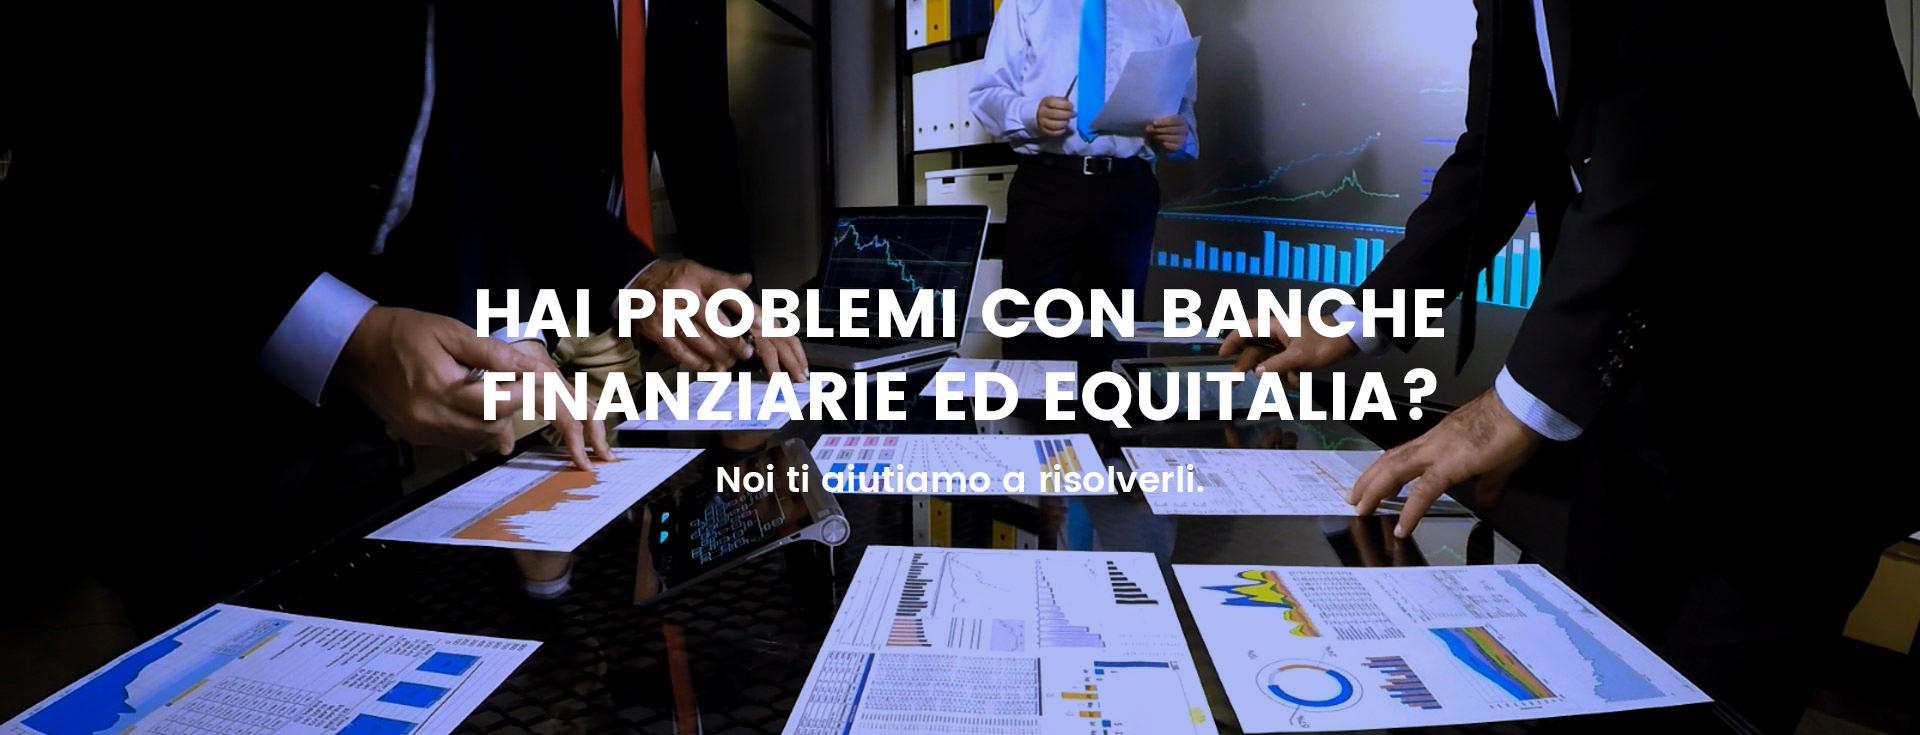 problemi con banche finanziarie ed equitalia